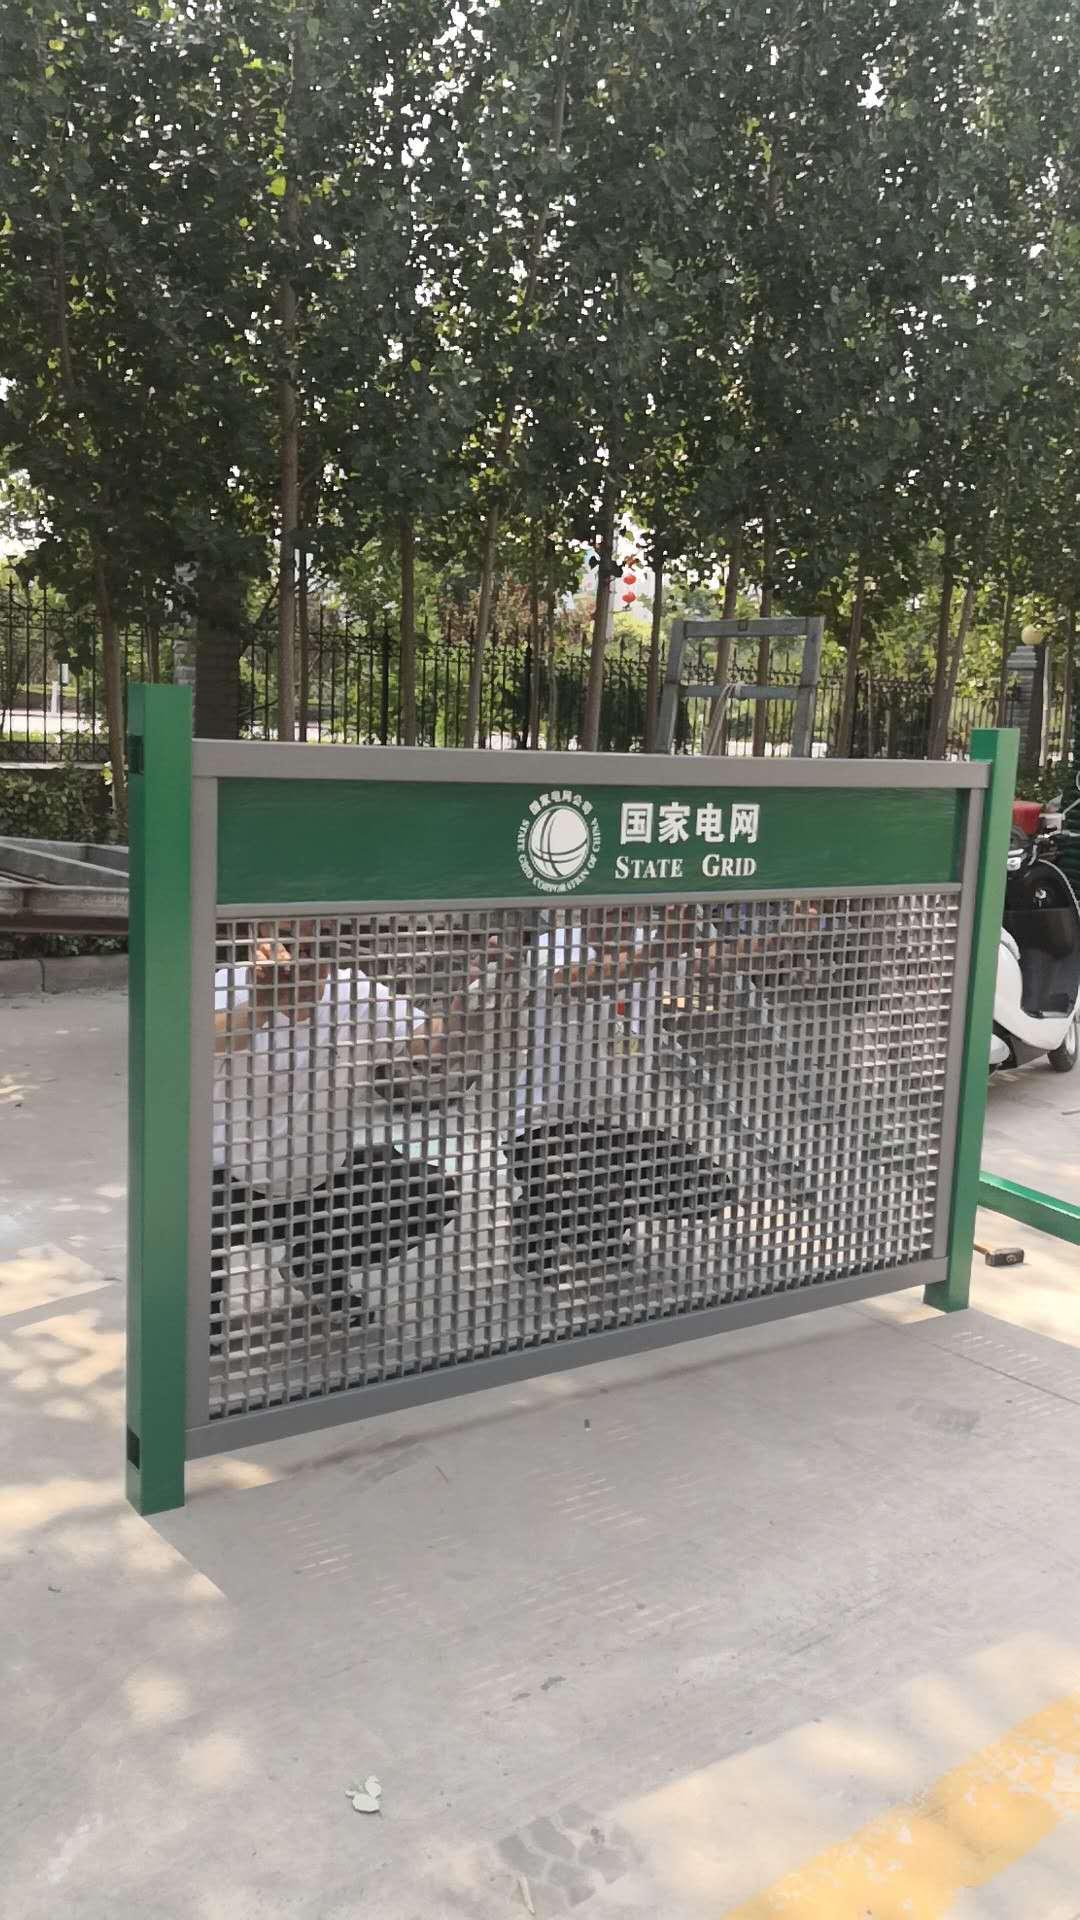 玻璃钢国家电网围栏